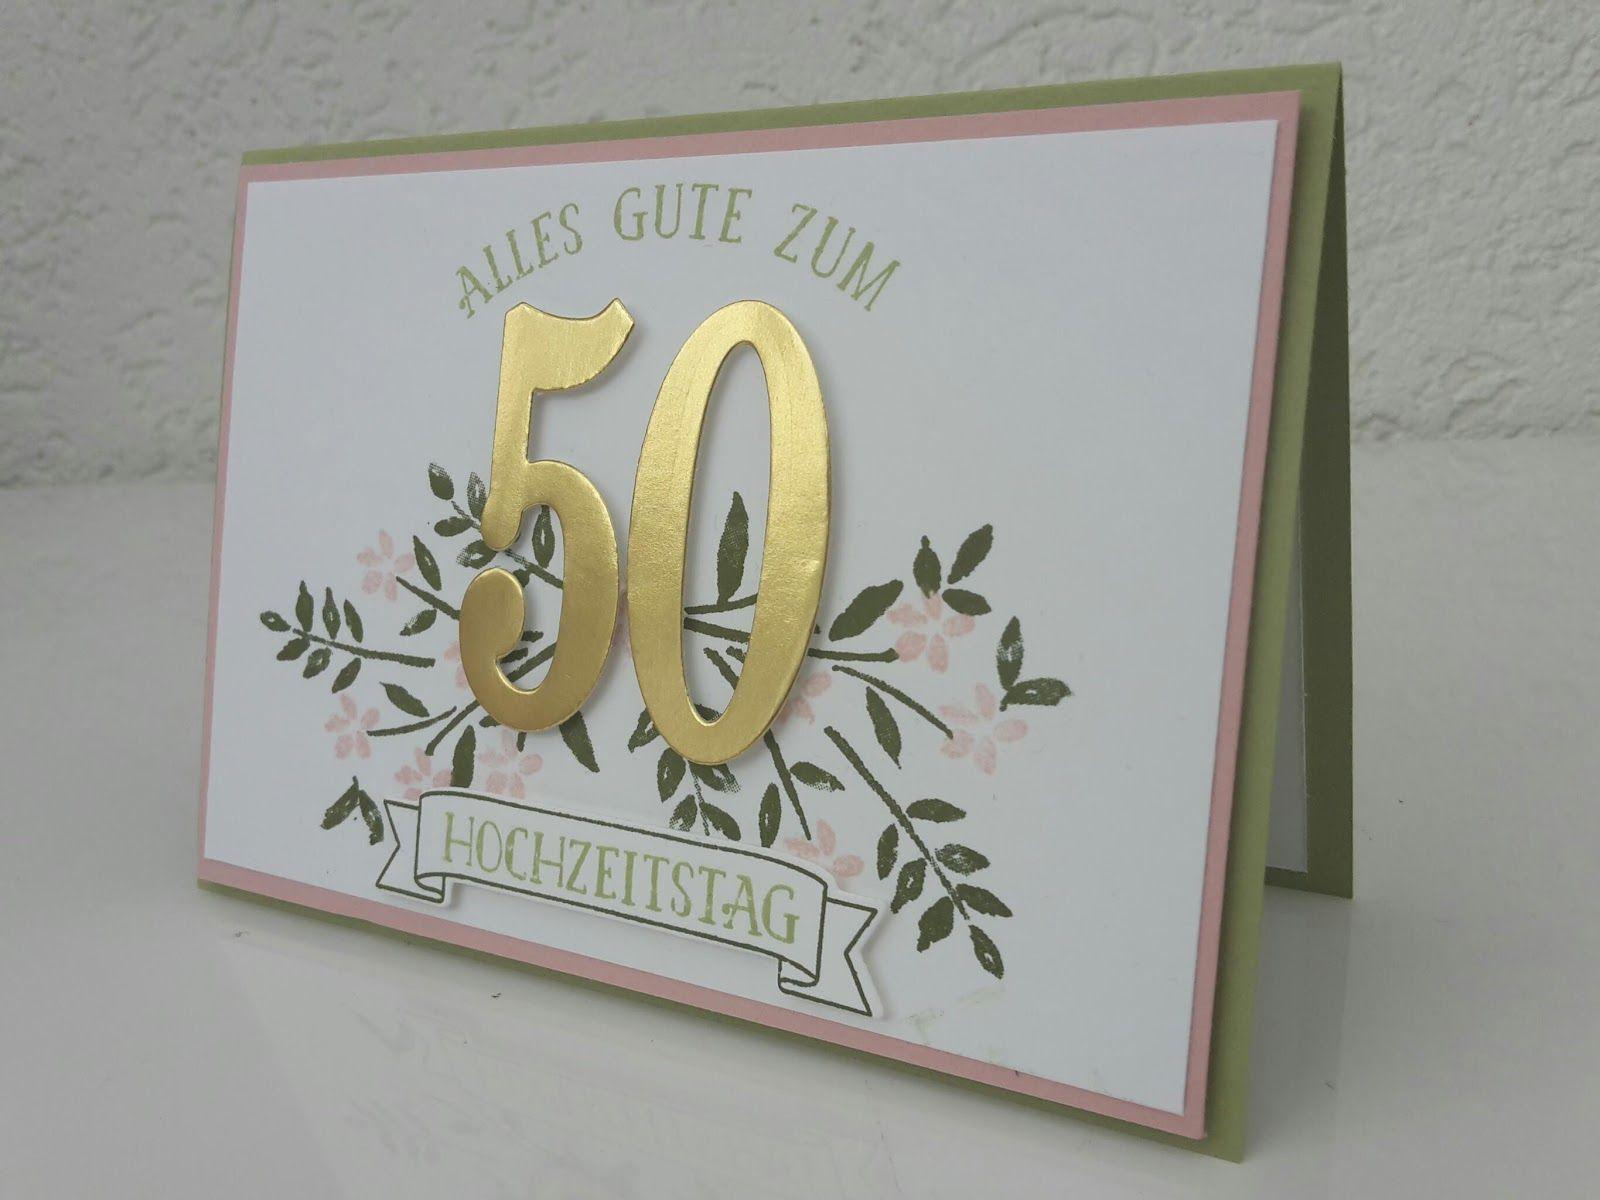 Time4Paper Goldhochzeit Wedding Cards Pinterest